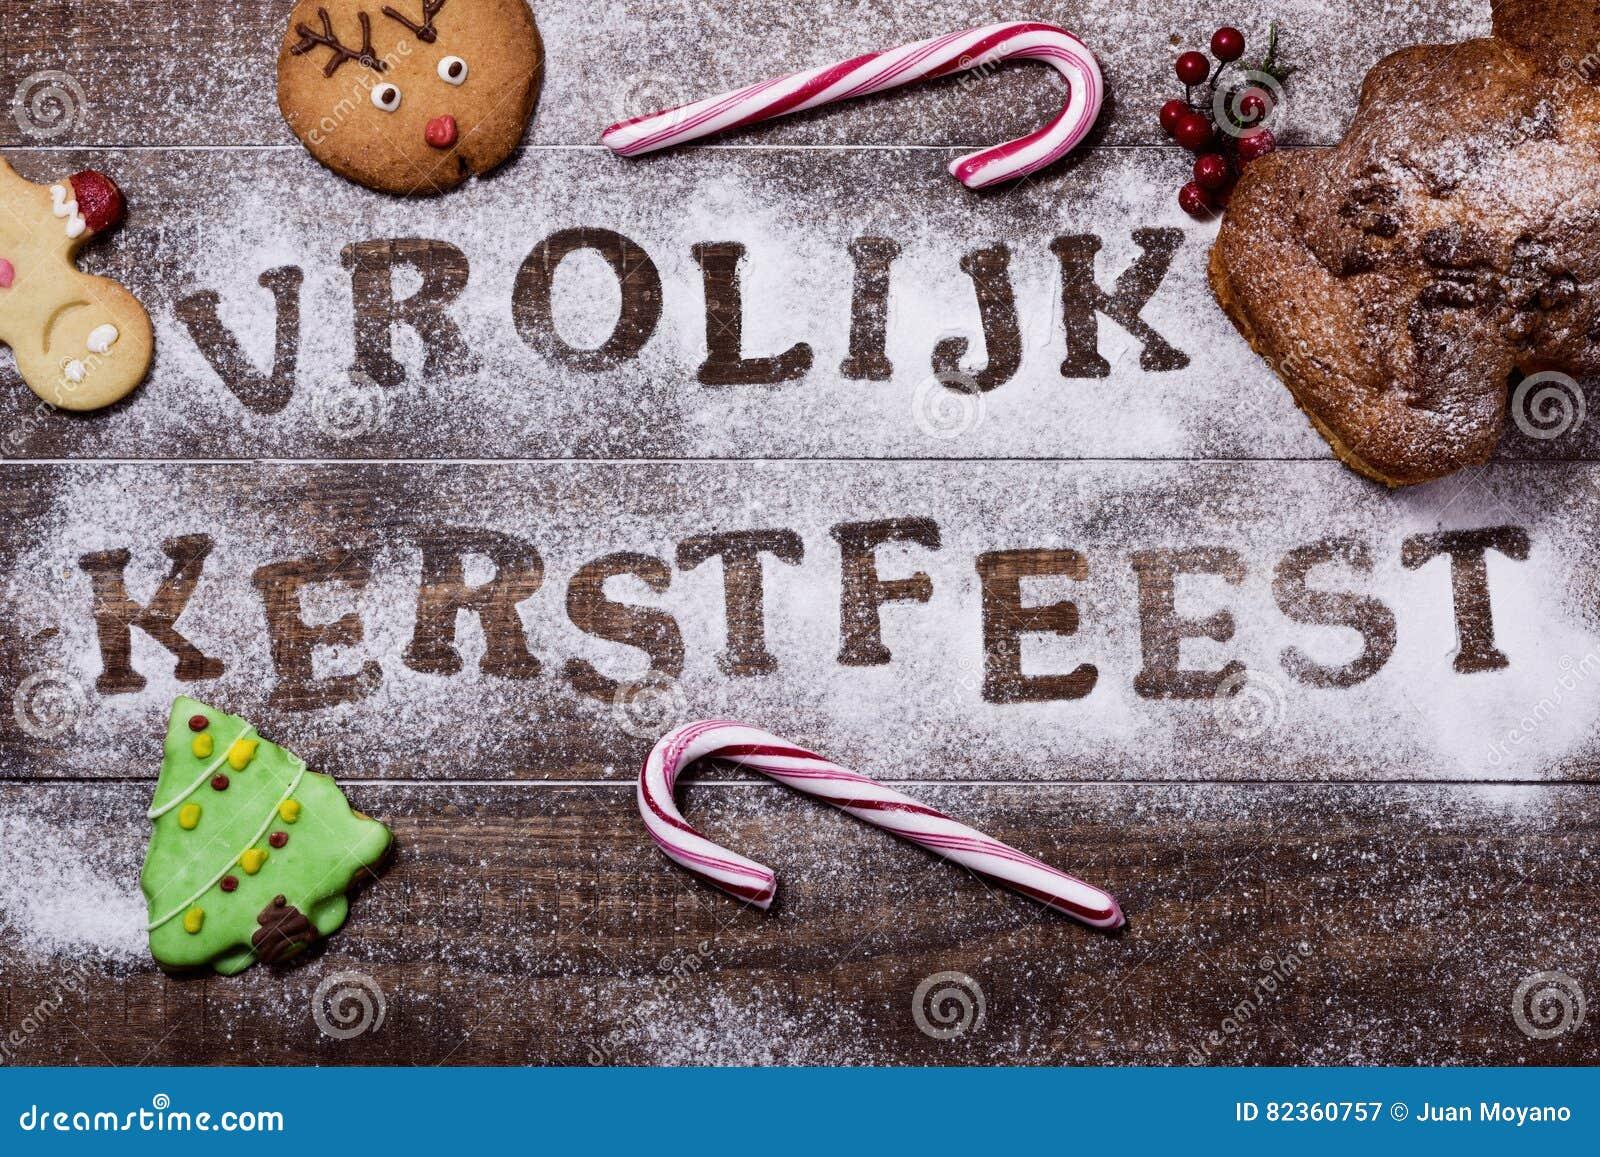 Merry Christmas In Dutch.Text Vrolijk Kerstfeest Merry Christmas In Dutch Stock